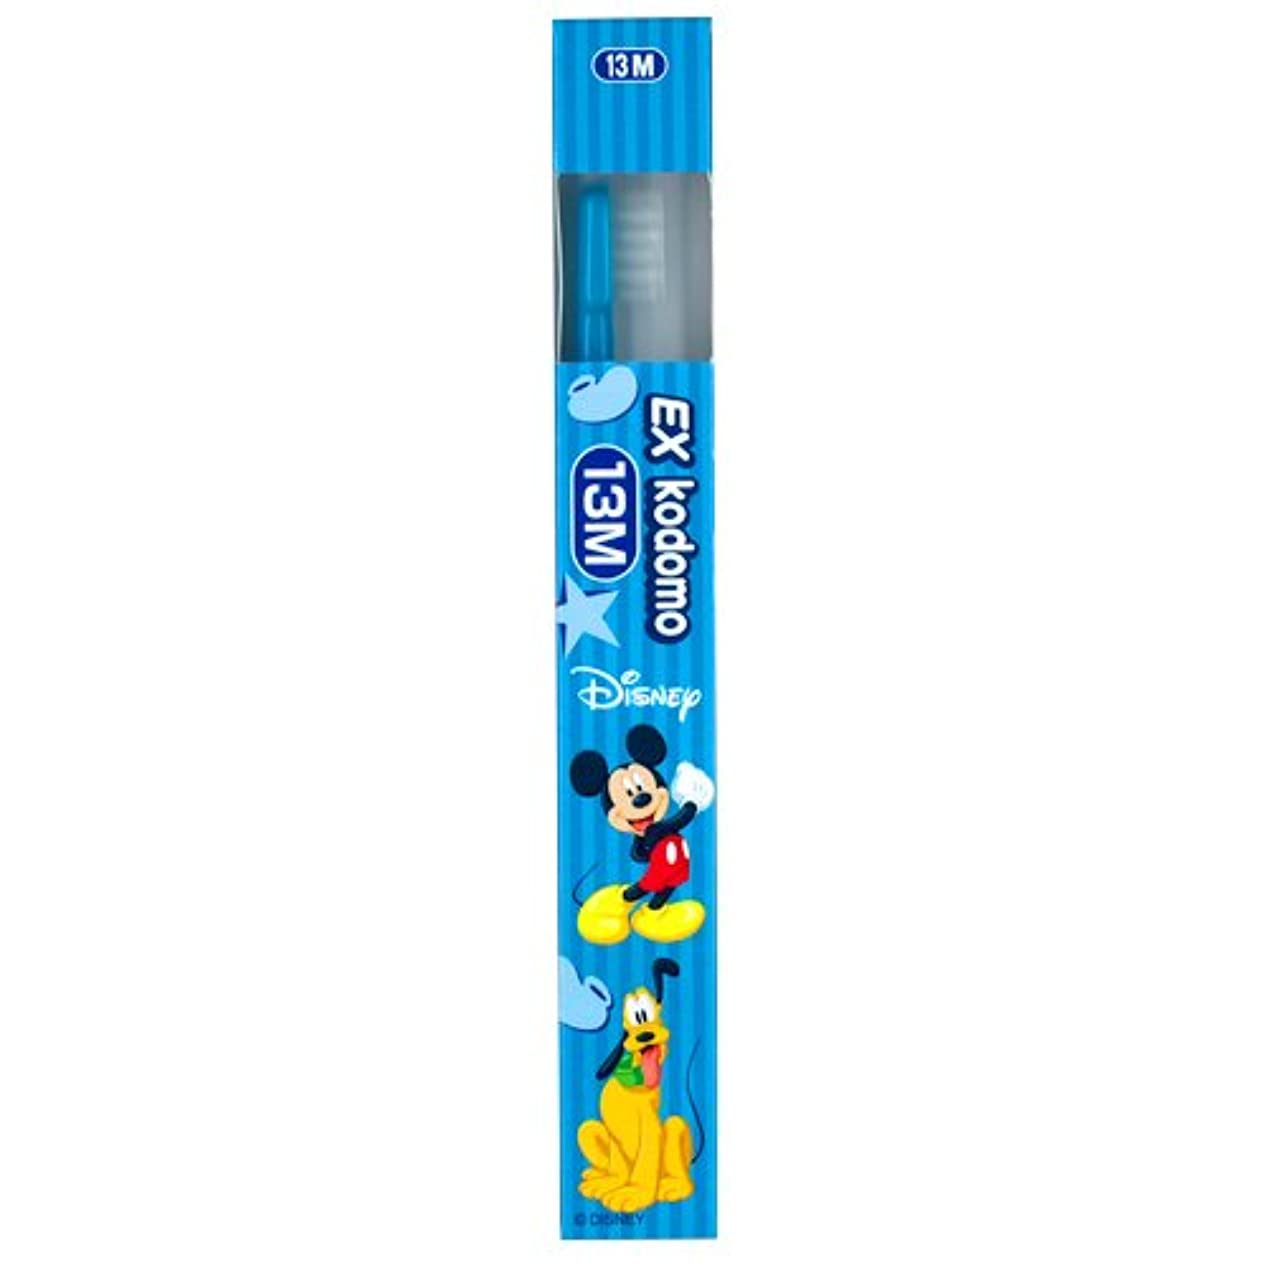 価値初期解任ライオン EX kodomo ディズニー 歯ブラシ 1本 13M ブルー